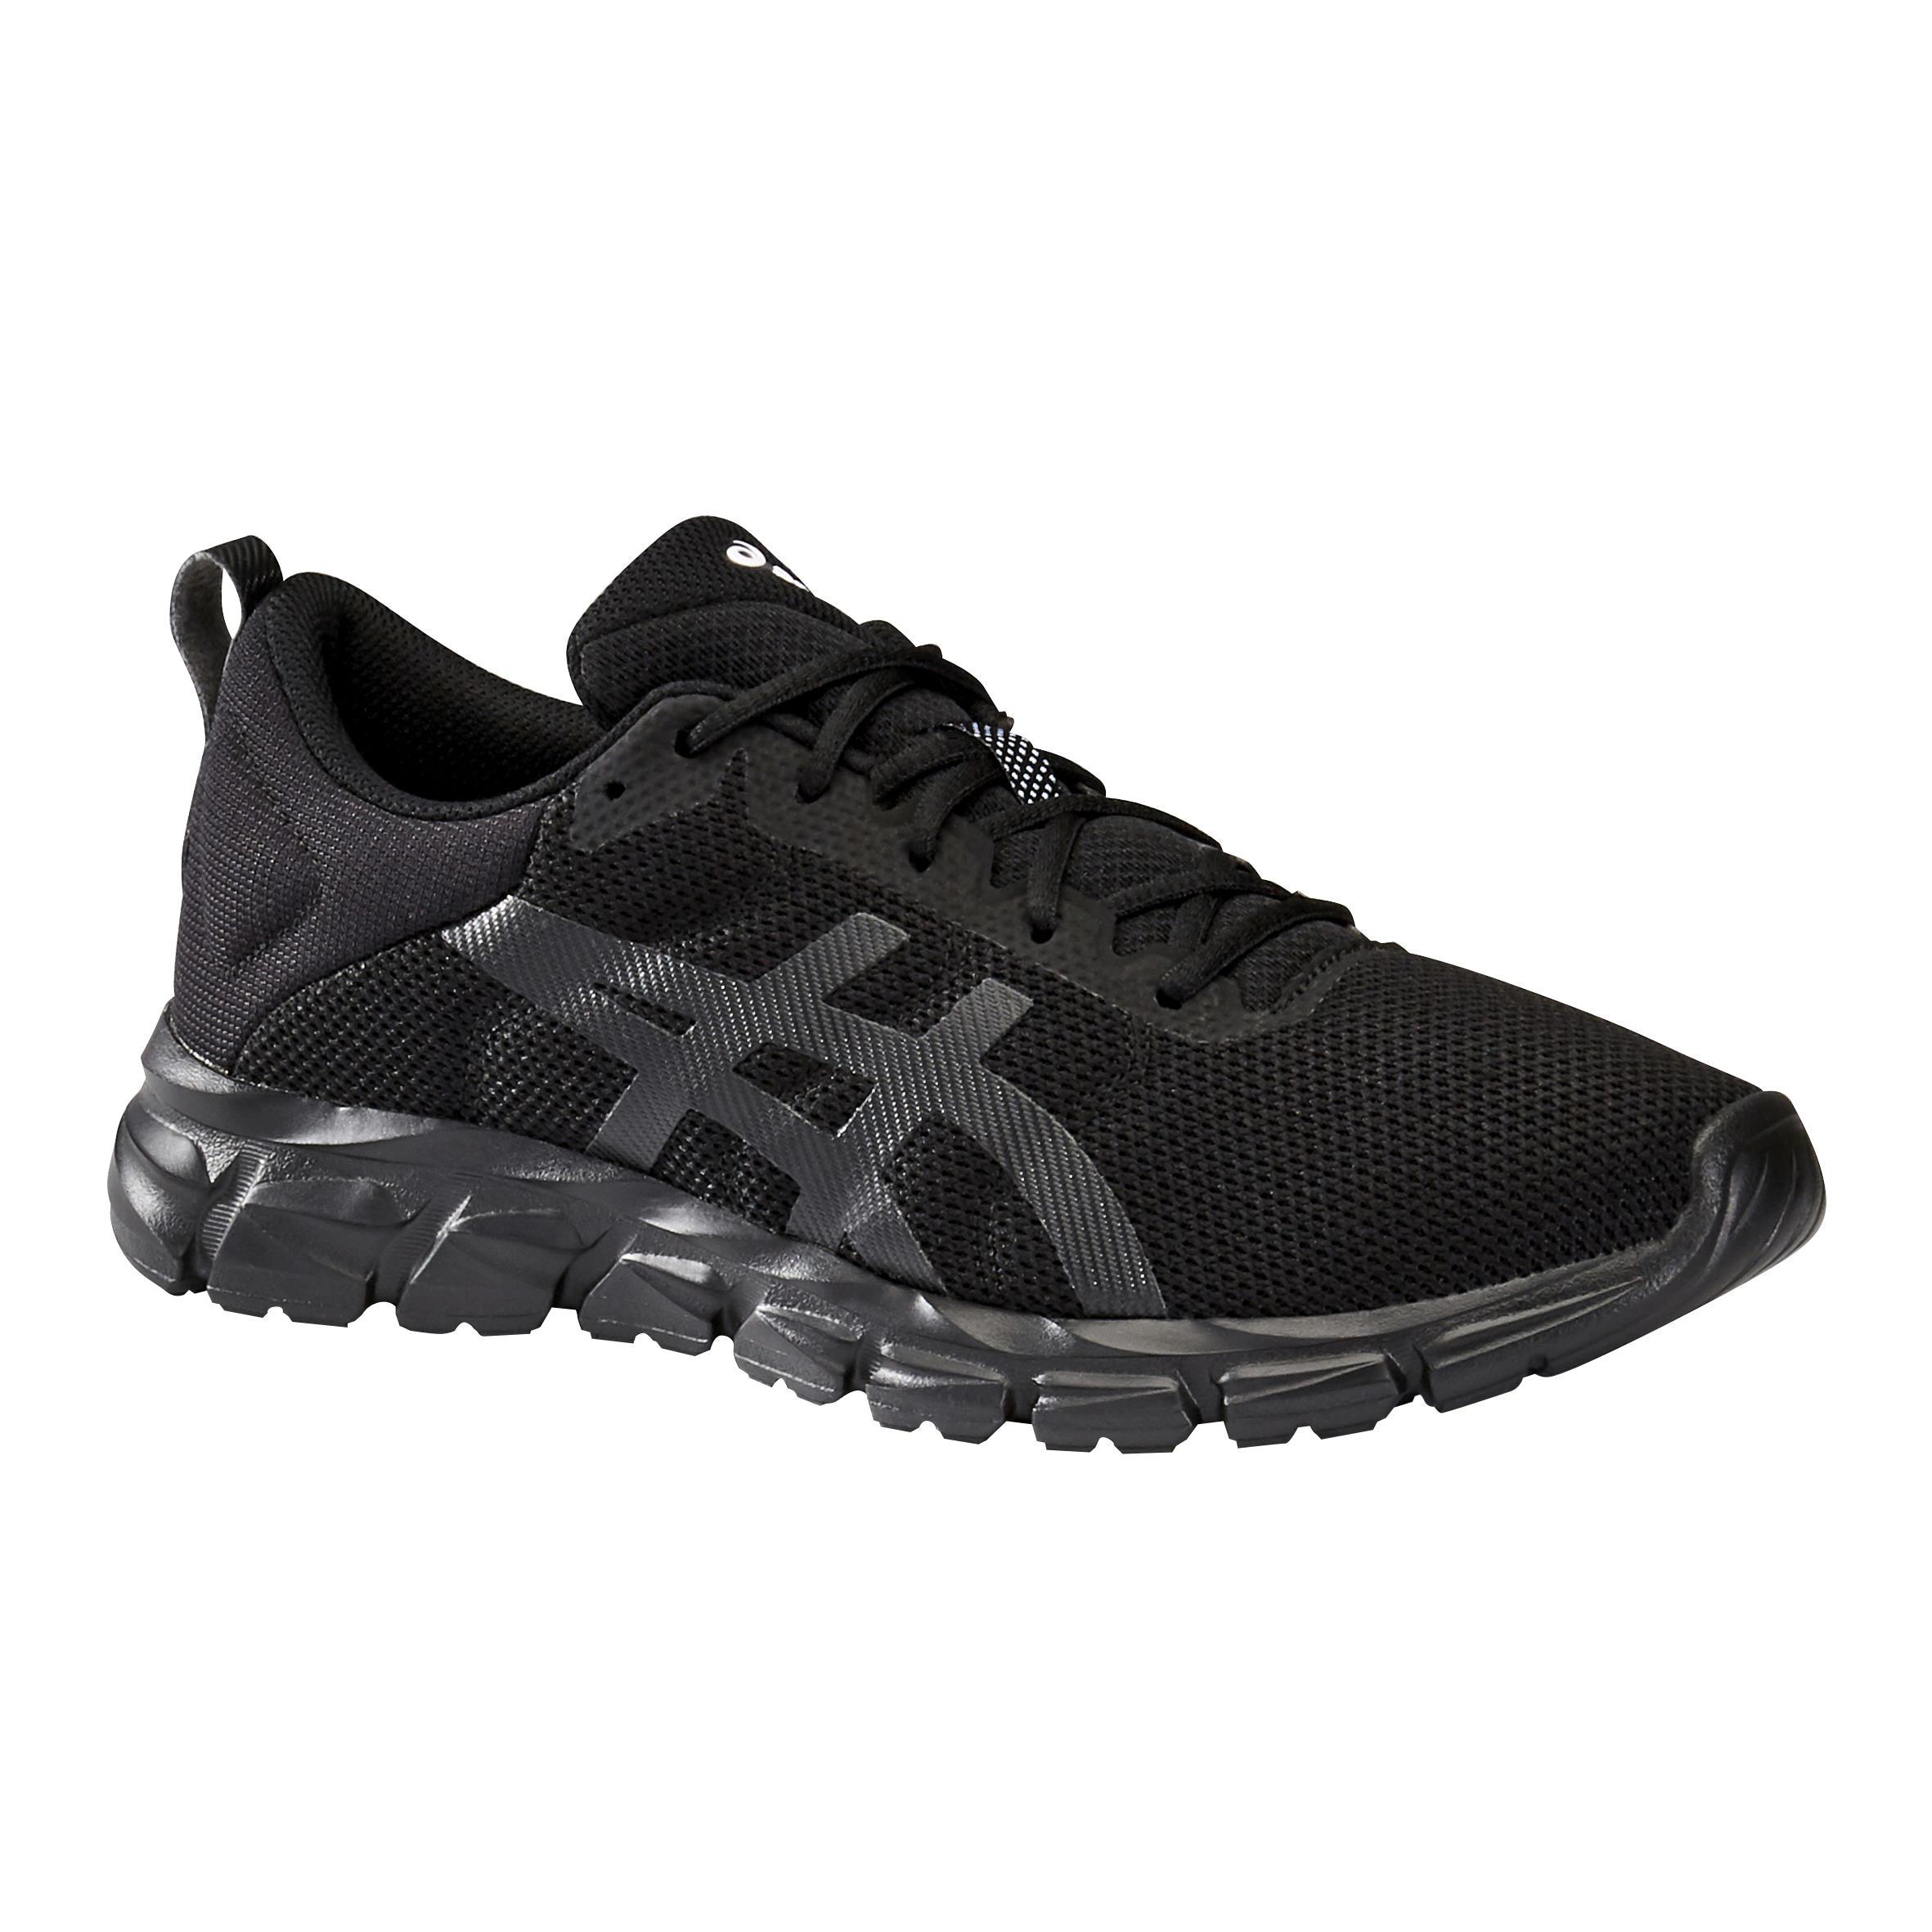 Chaussures marche sportive homme Asics Quantum Lyte noir